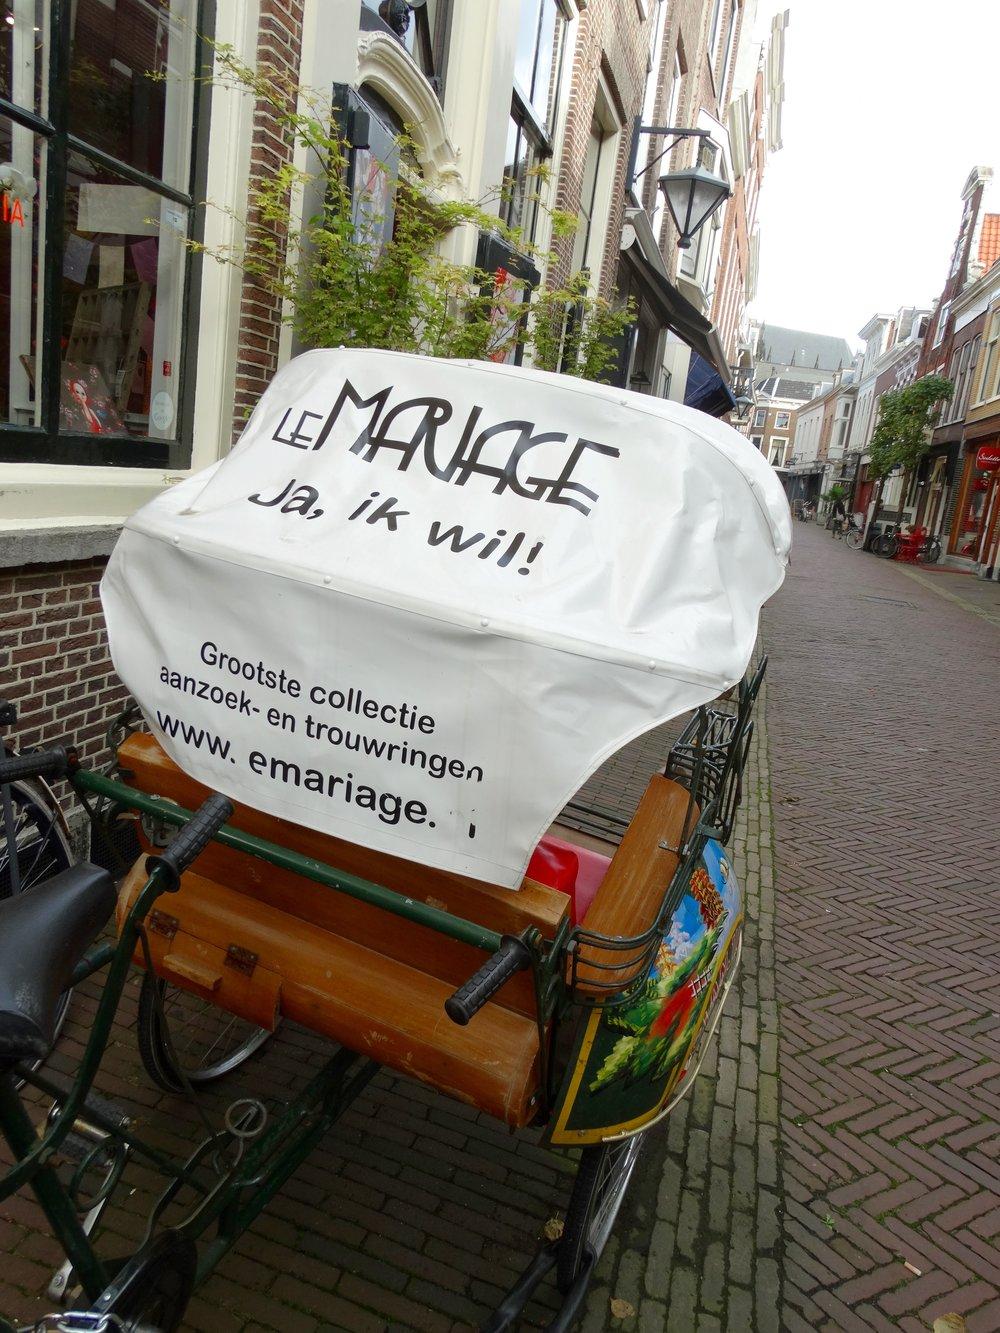 Mal etwas anderes. Ob man damit fahren kann? Impressionen aus Holland.